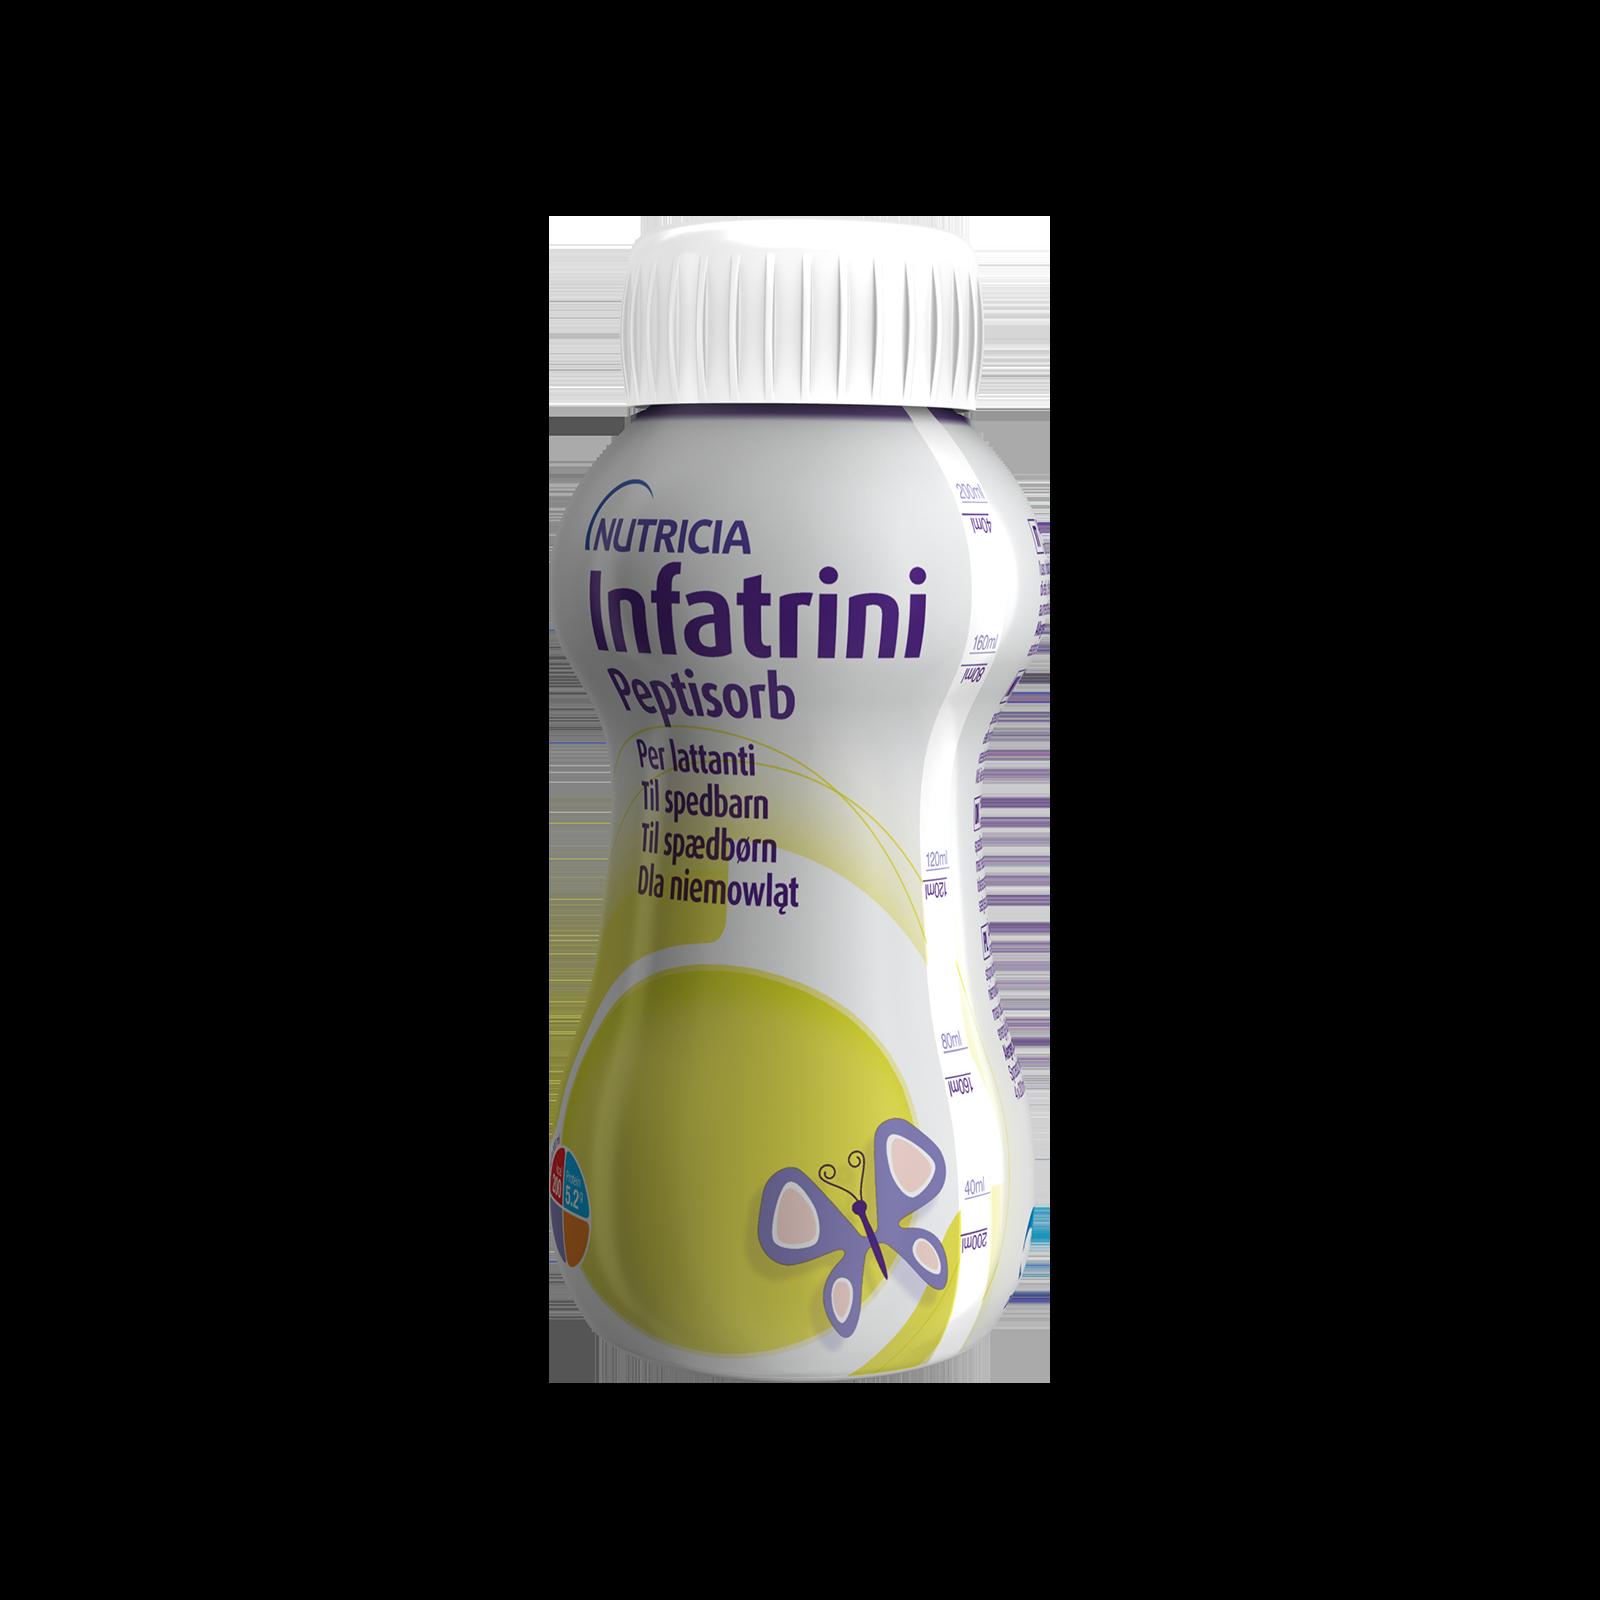 Infatrini Peptisorb 4x Bottiglietta 200 ml | Nutricia